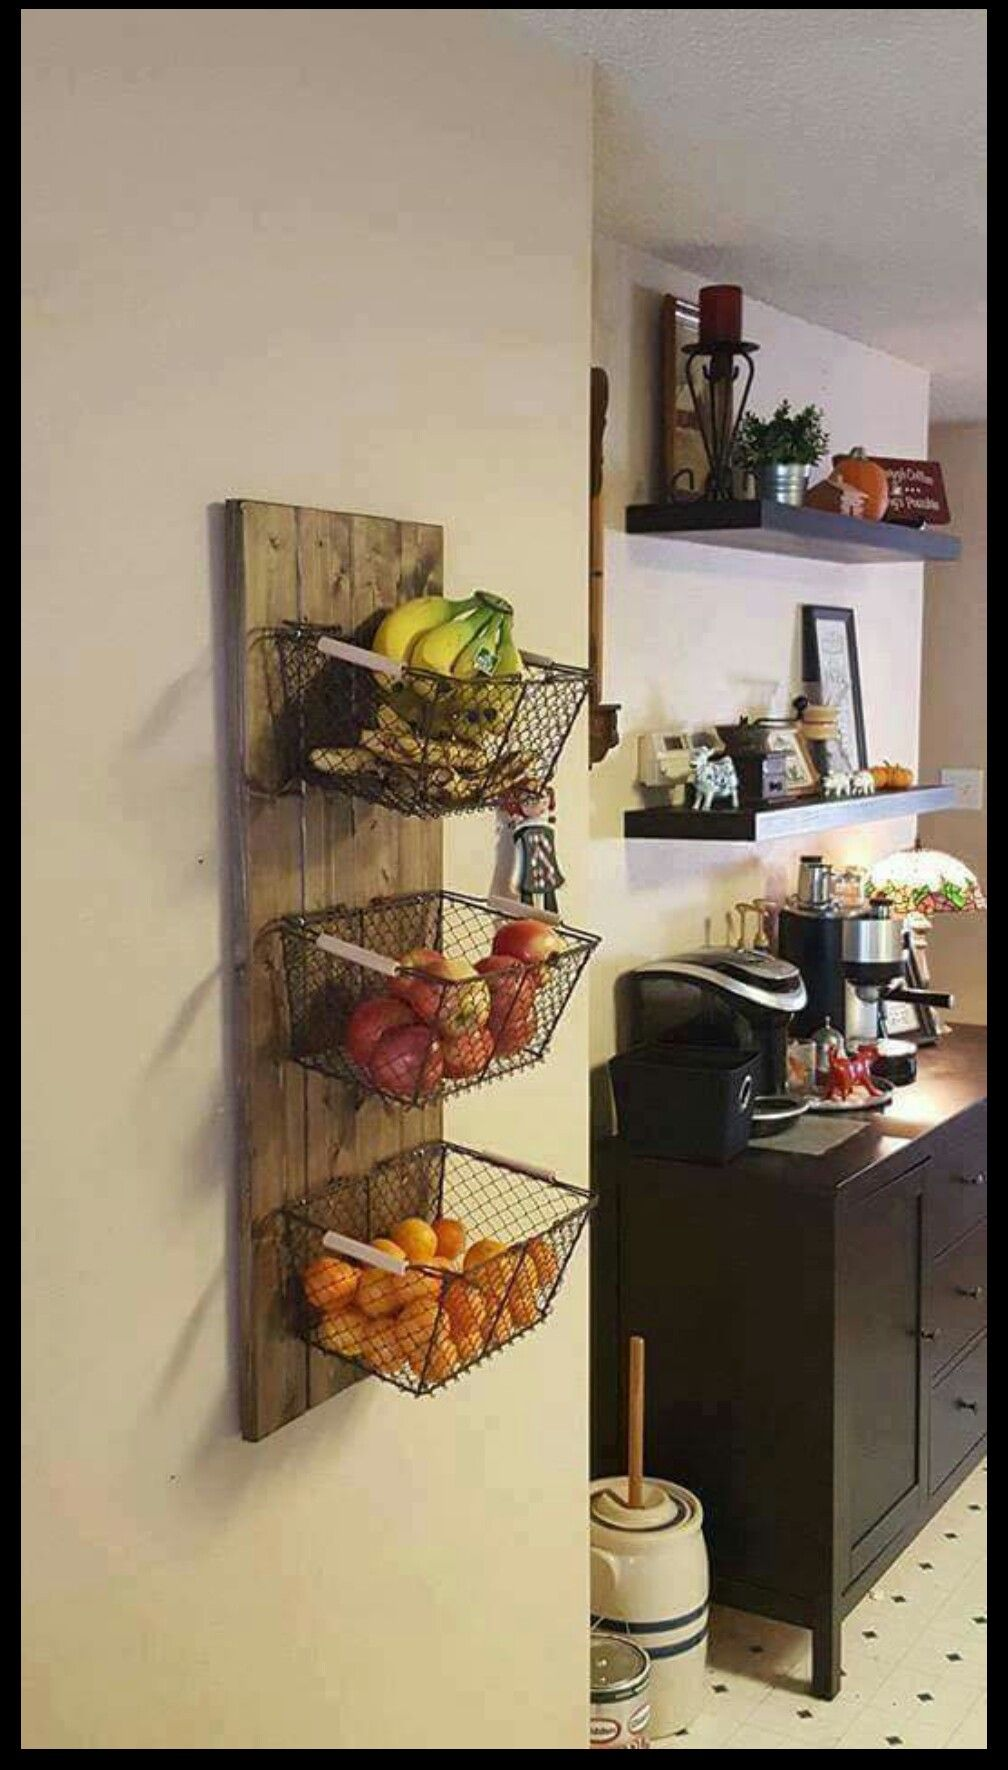 Home projects | Pallet designs | Pinterest | Küche, Wohnideen und ...